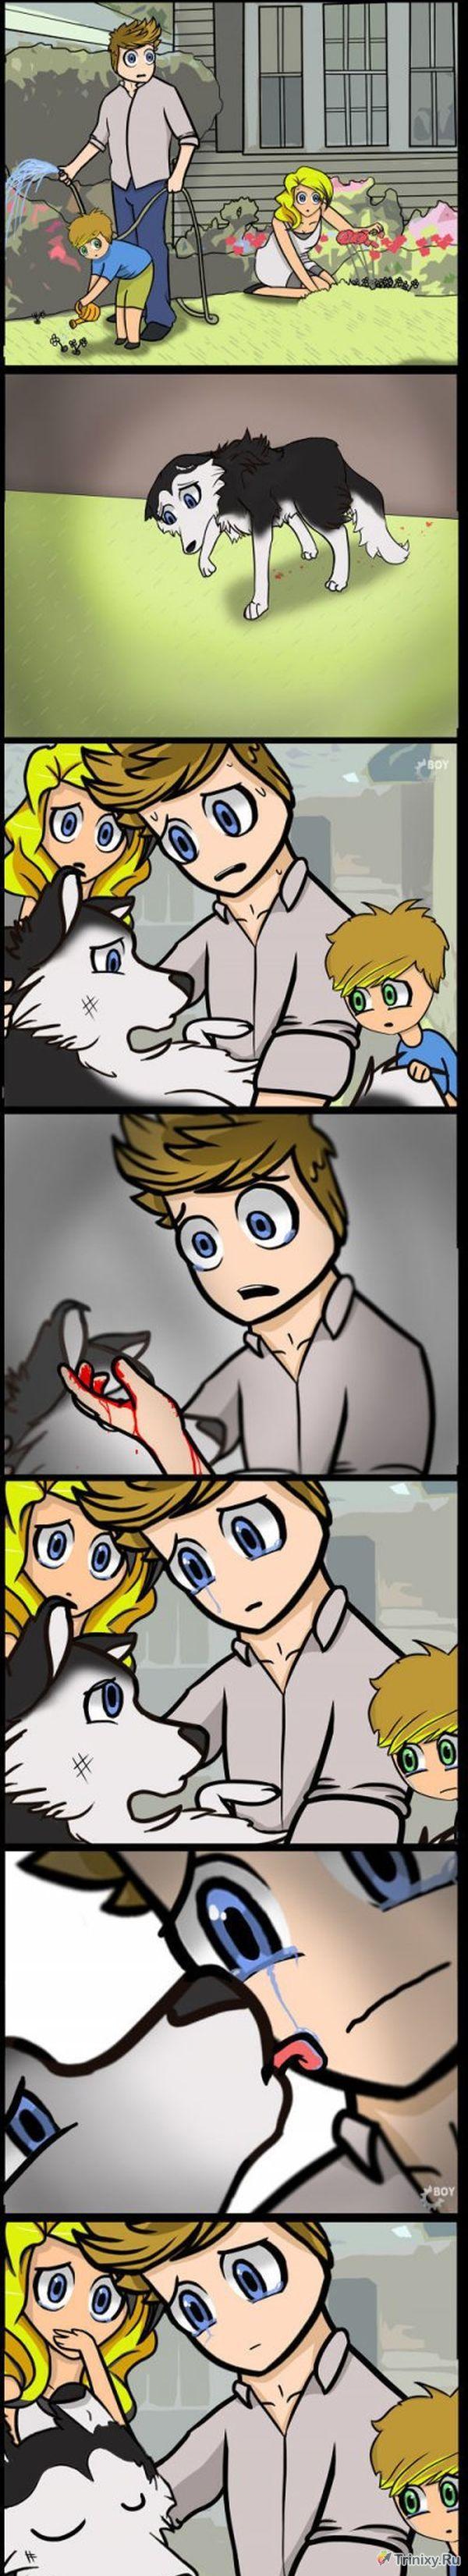 Вся жизнь в одном комиксе (6 картинок)